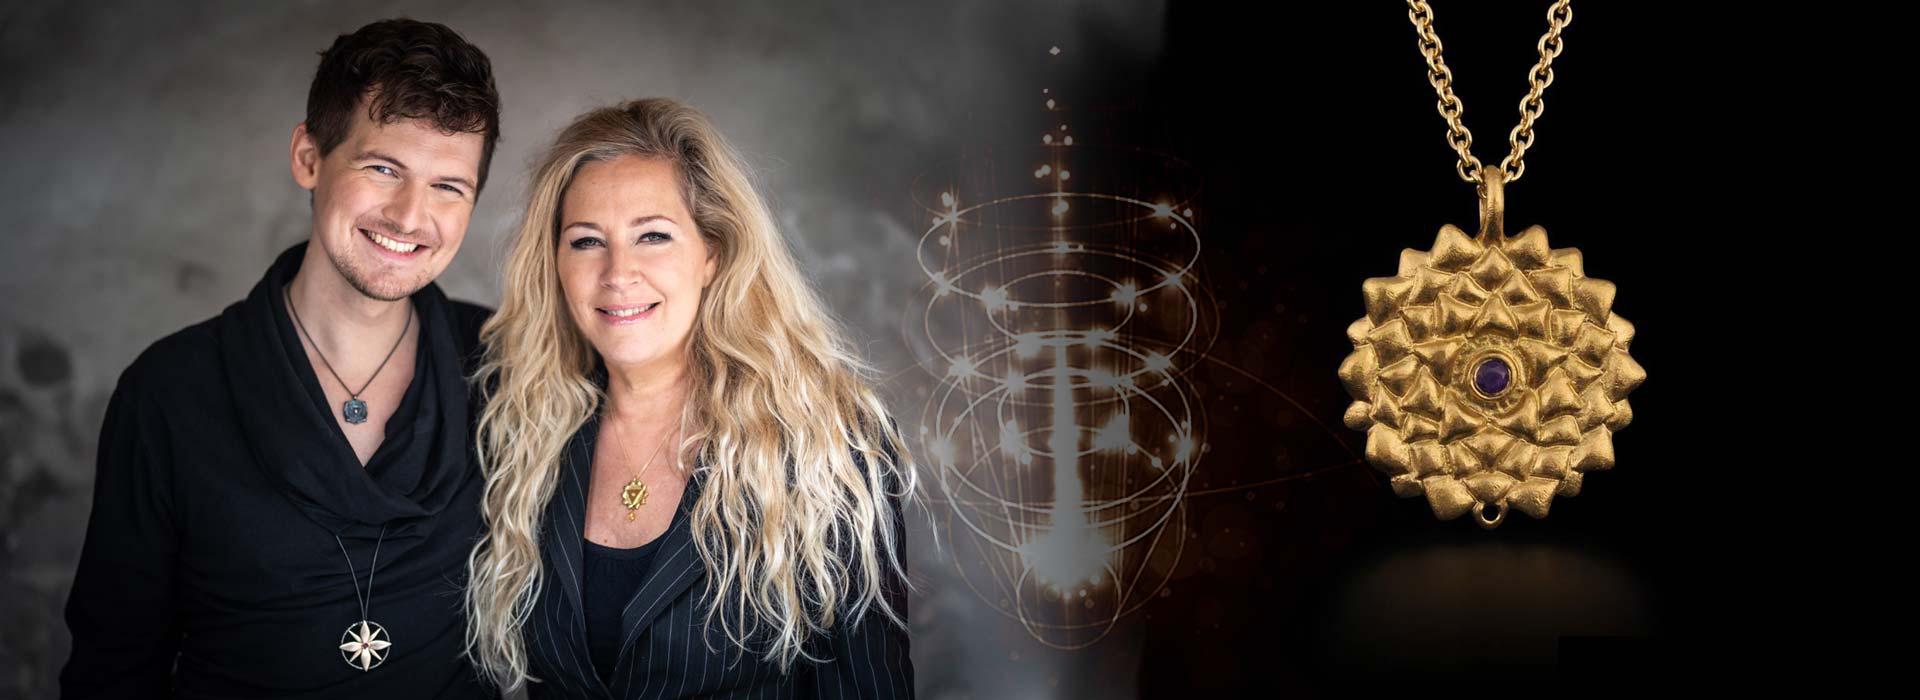 JetteHolm.dk grafisk slider til chakra smykker af Mads Heindorf og Jette Holm